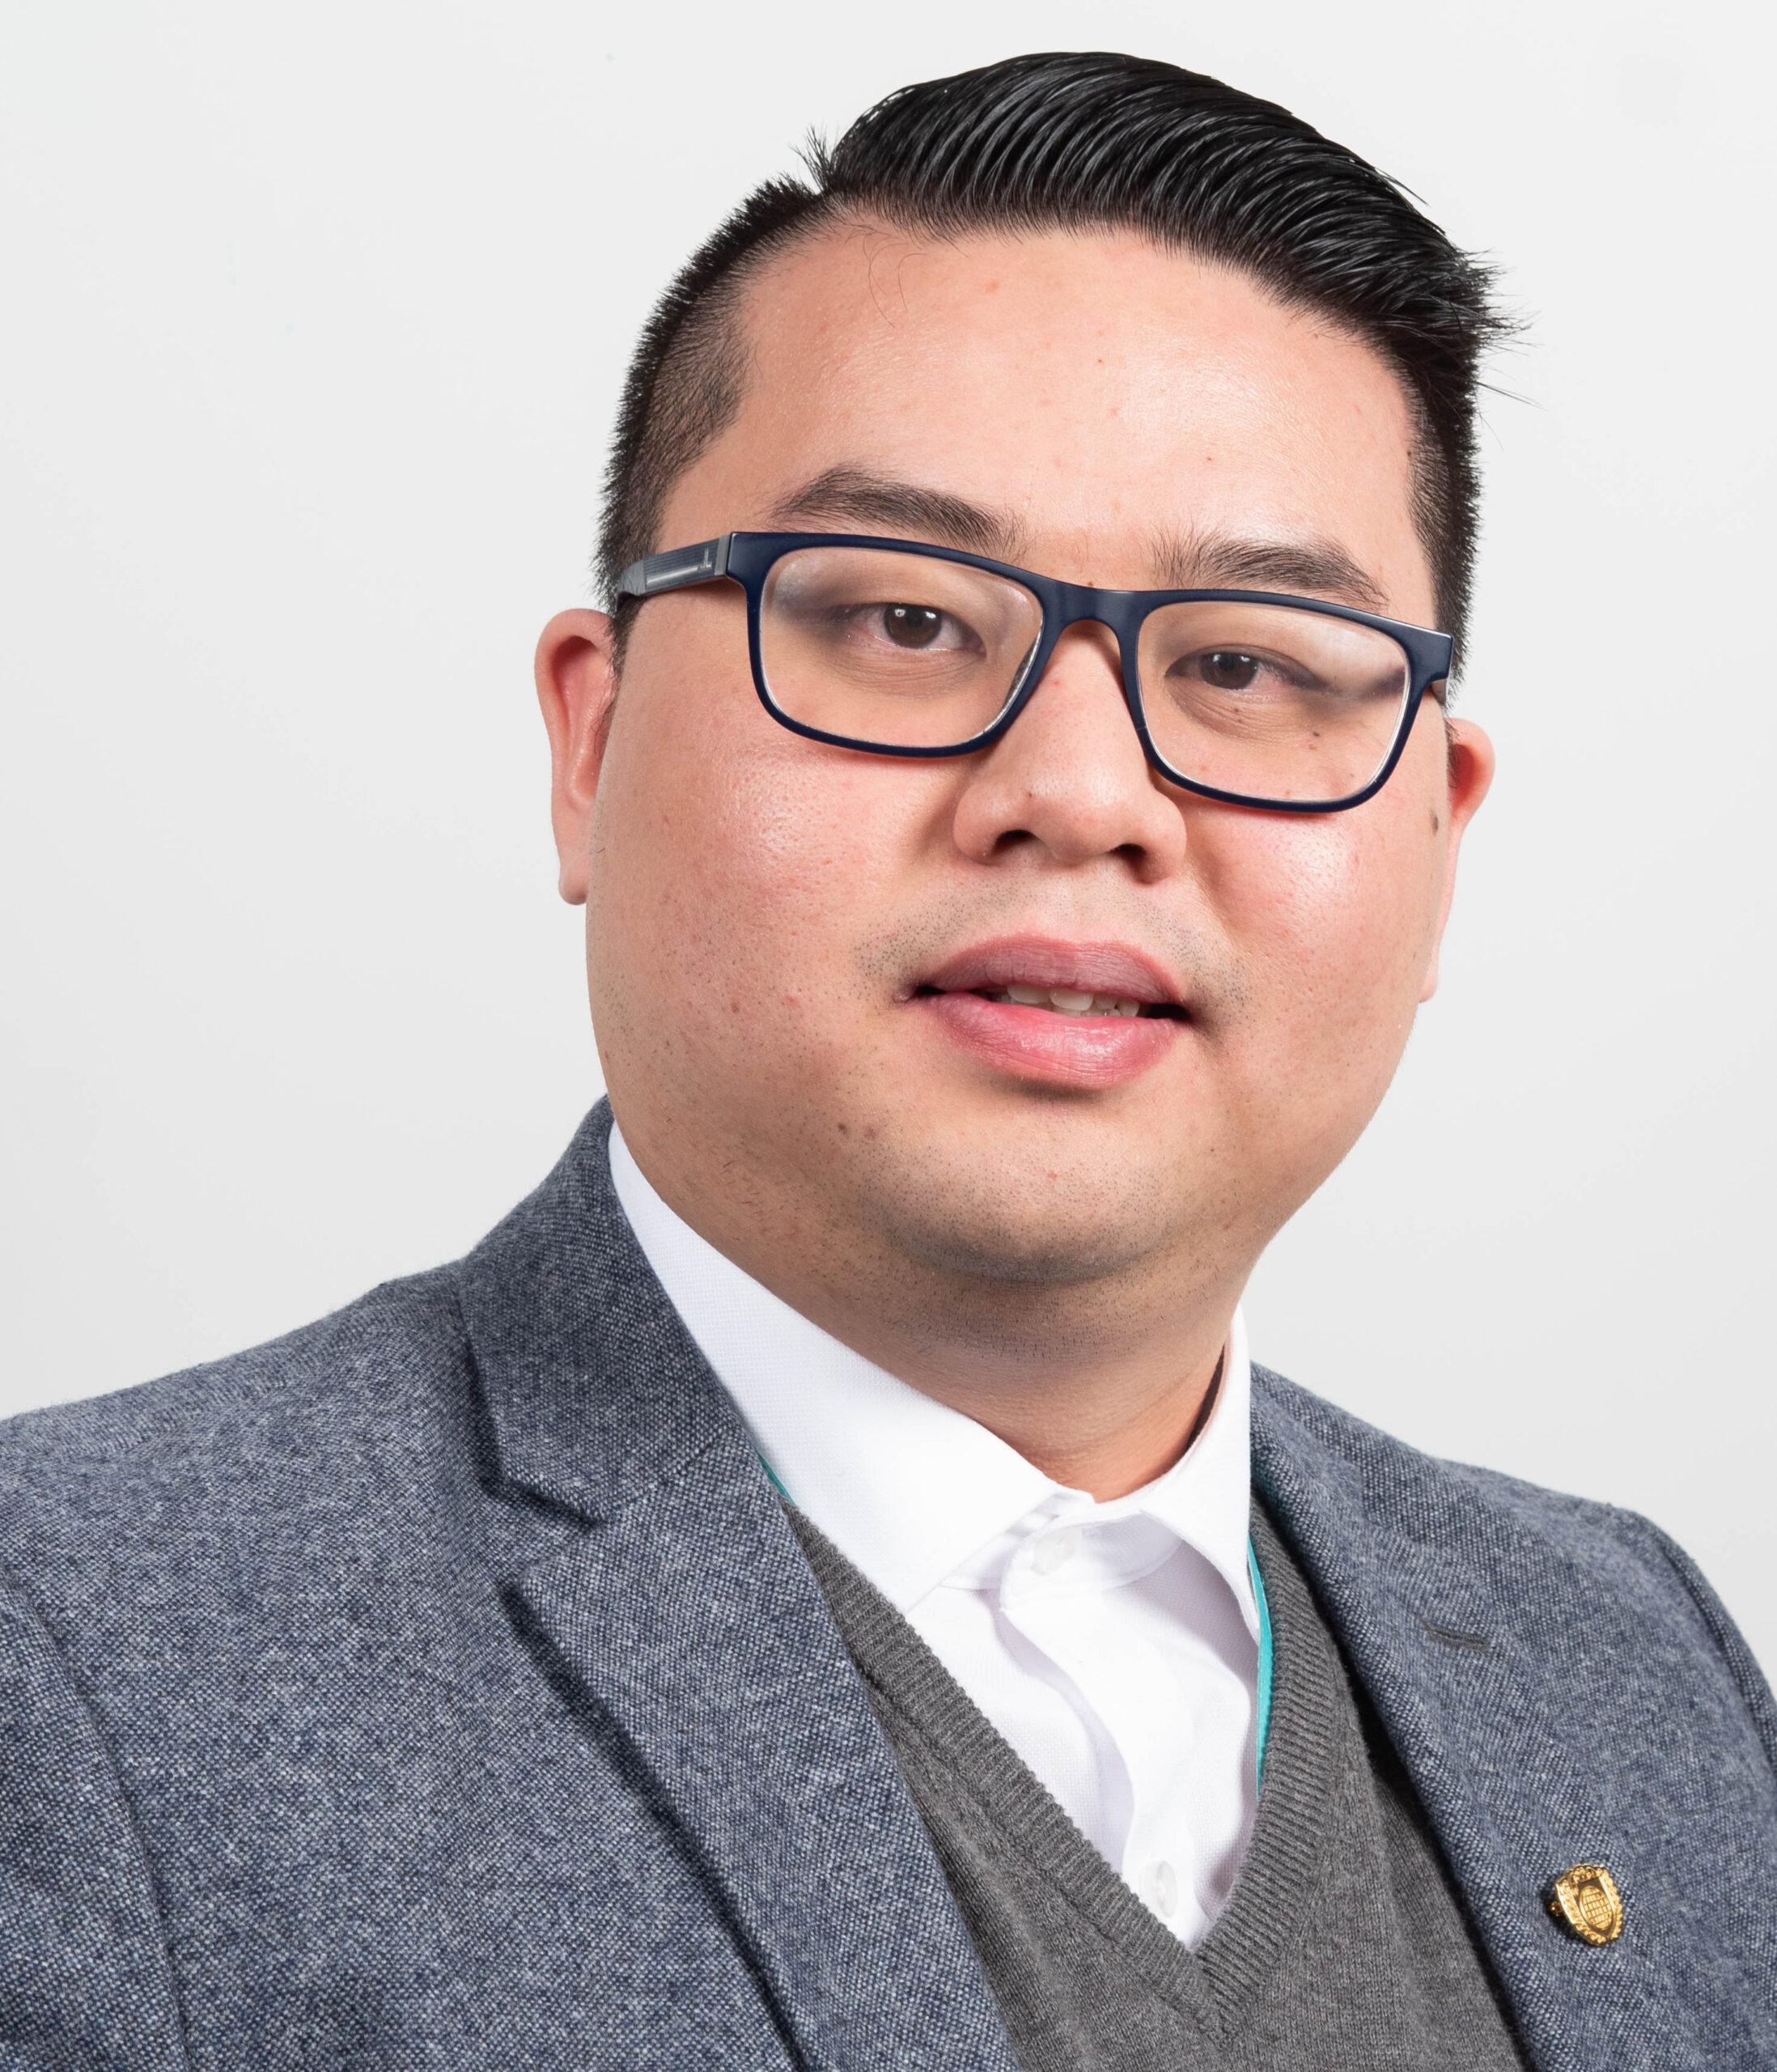 Joakim Thiên-Thành Cao